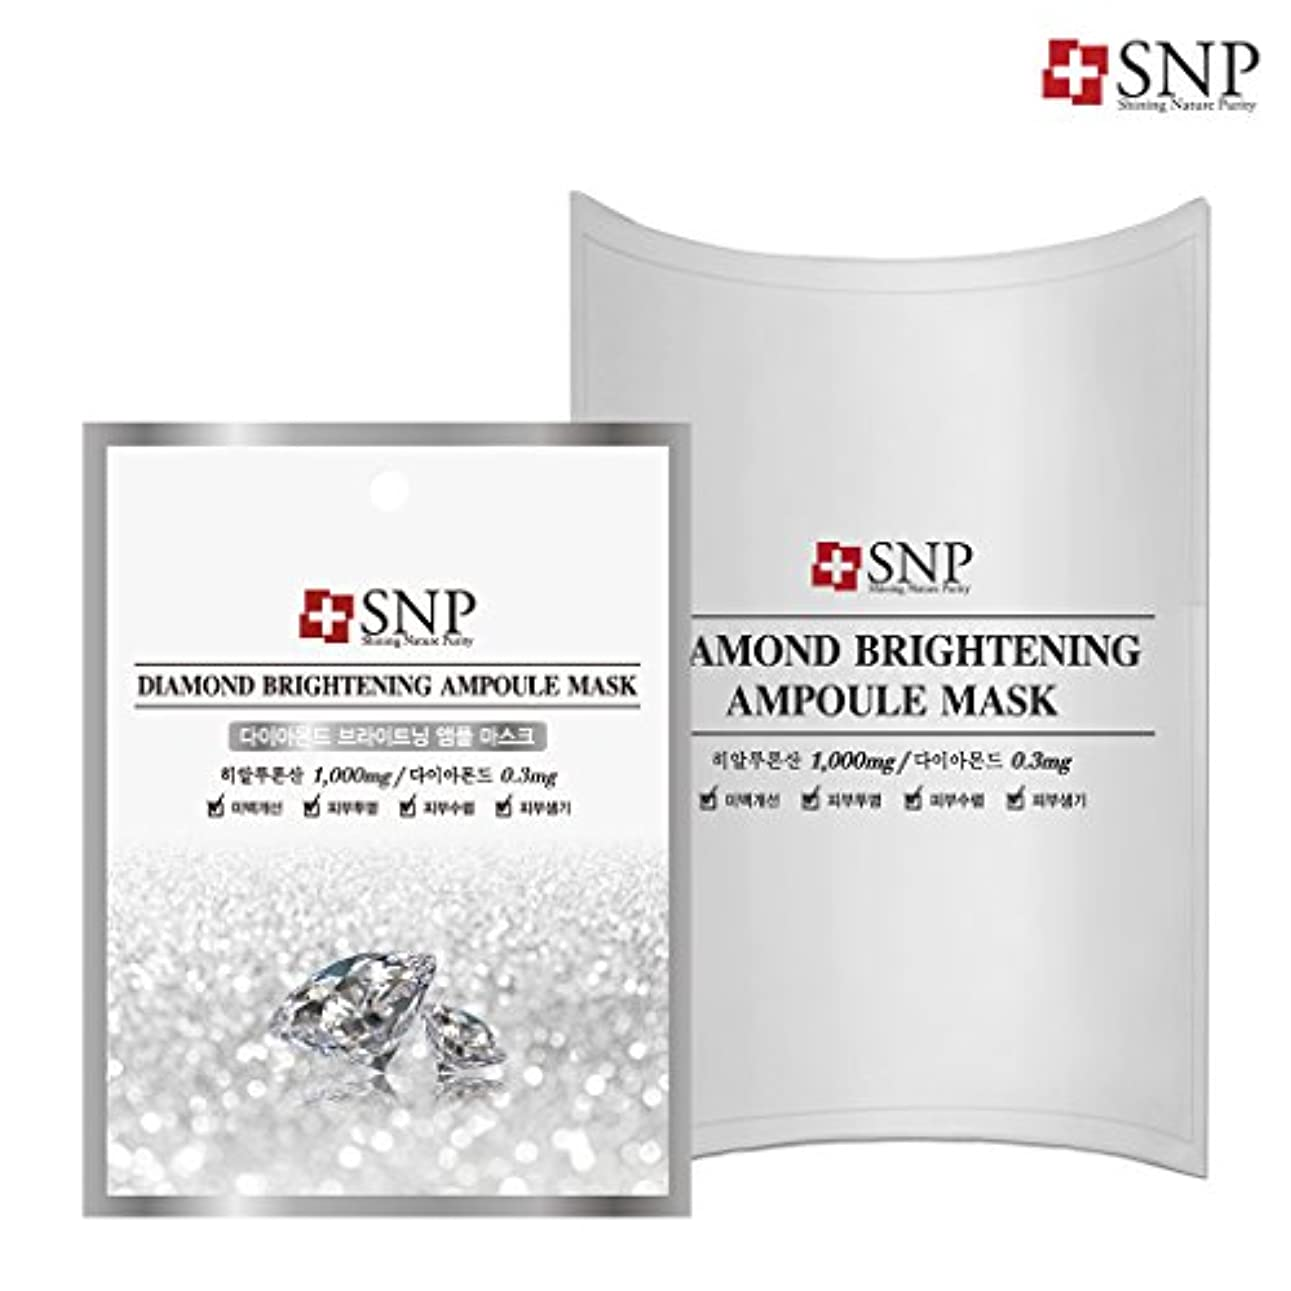 パシフィック召喚する期待SNP ダイアモンド ブライトニング アンプル マスク (10枚) 10枚/DIAMOND BRIGHTENING AMPOULE MASK 10EA[海外直送品]